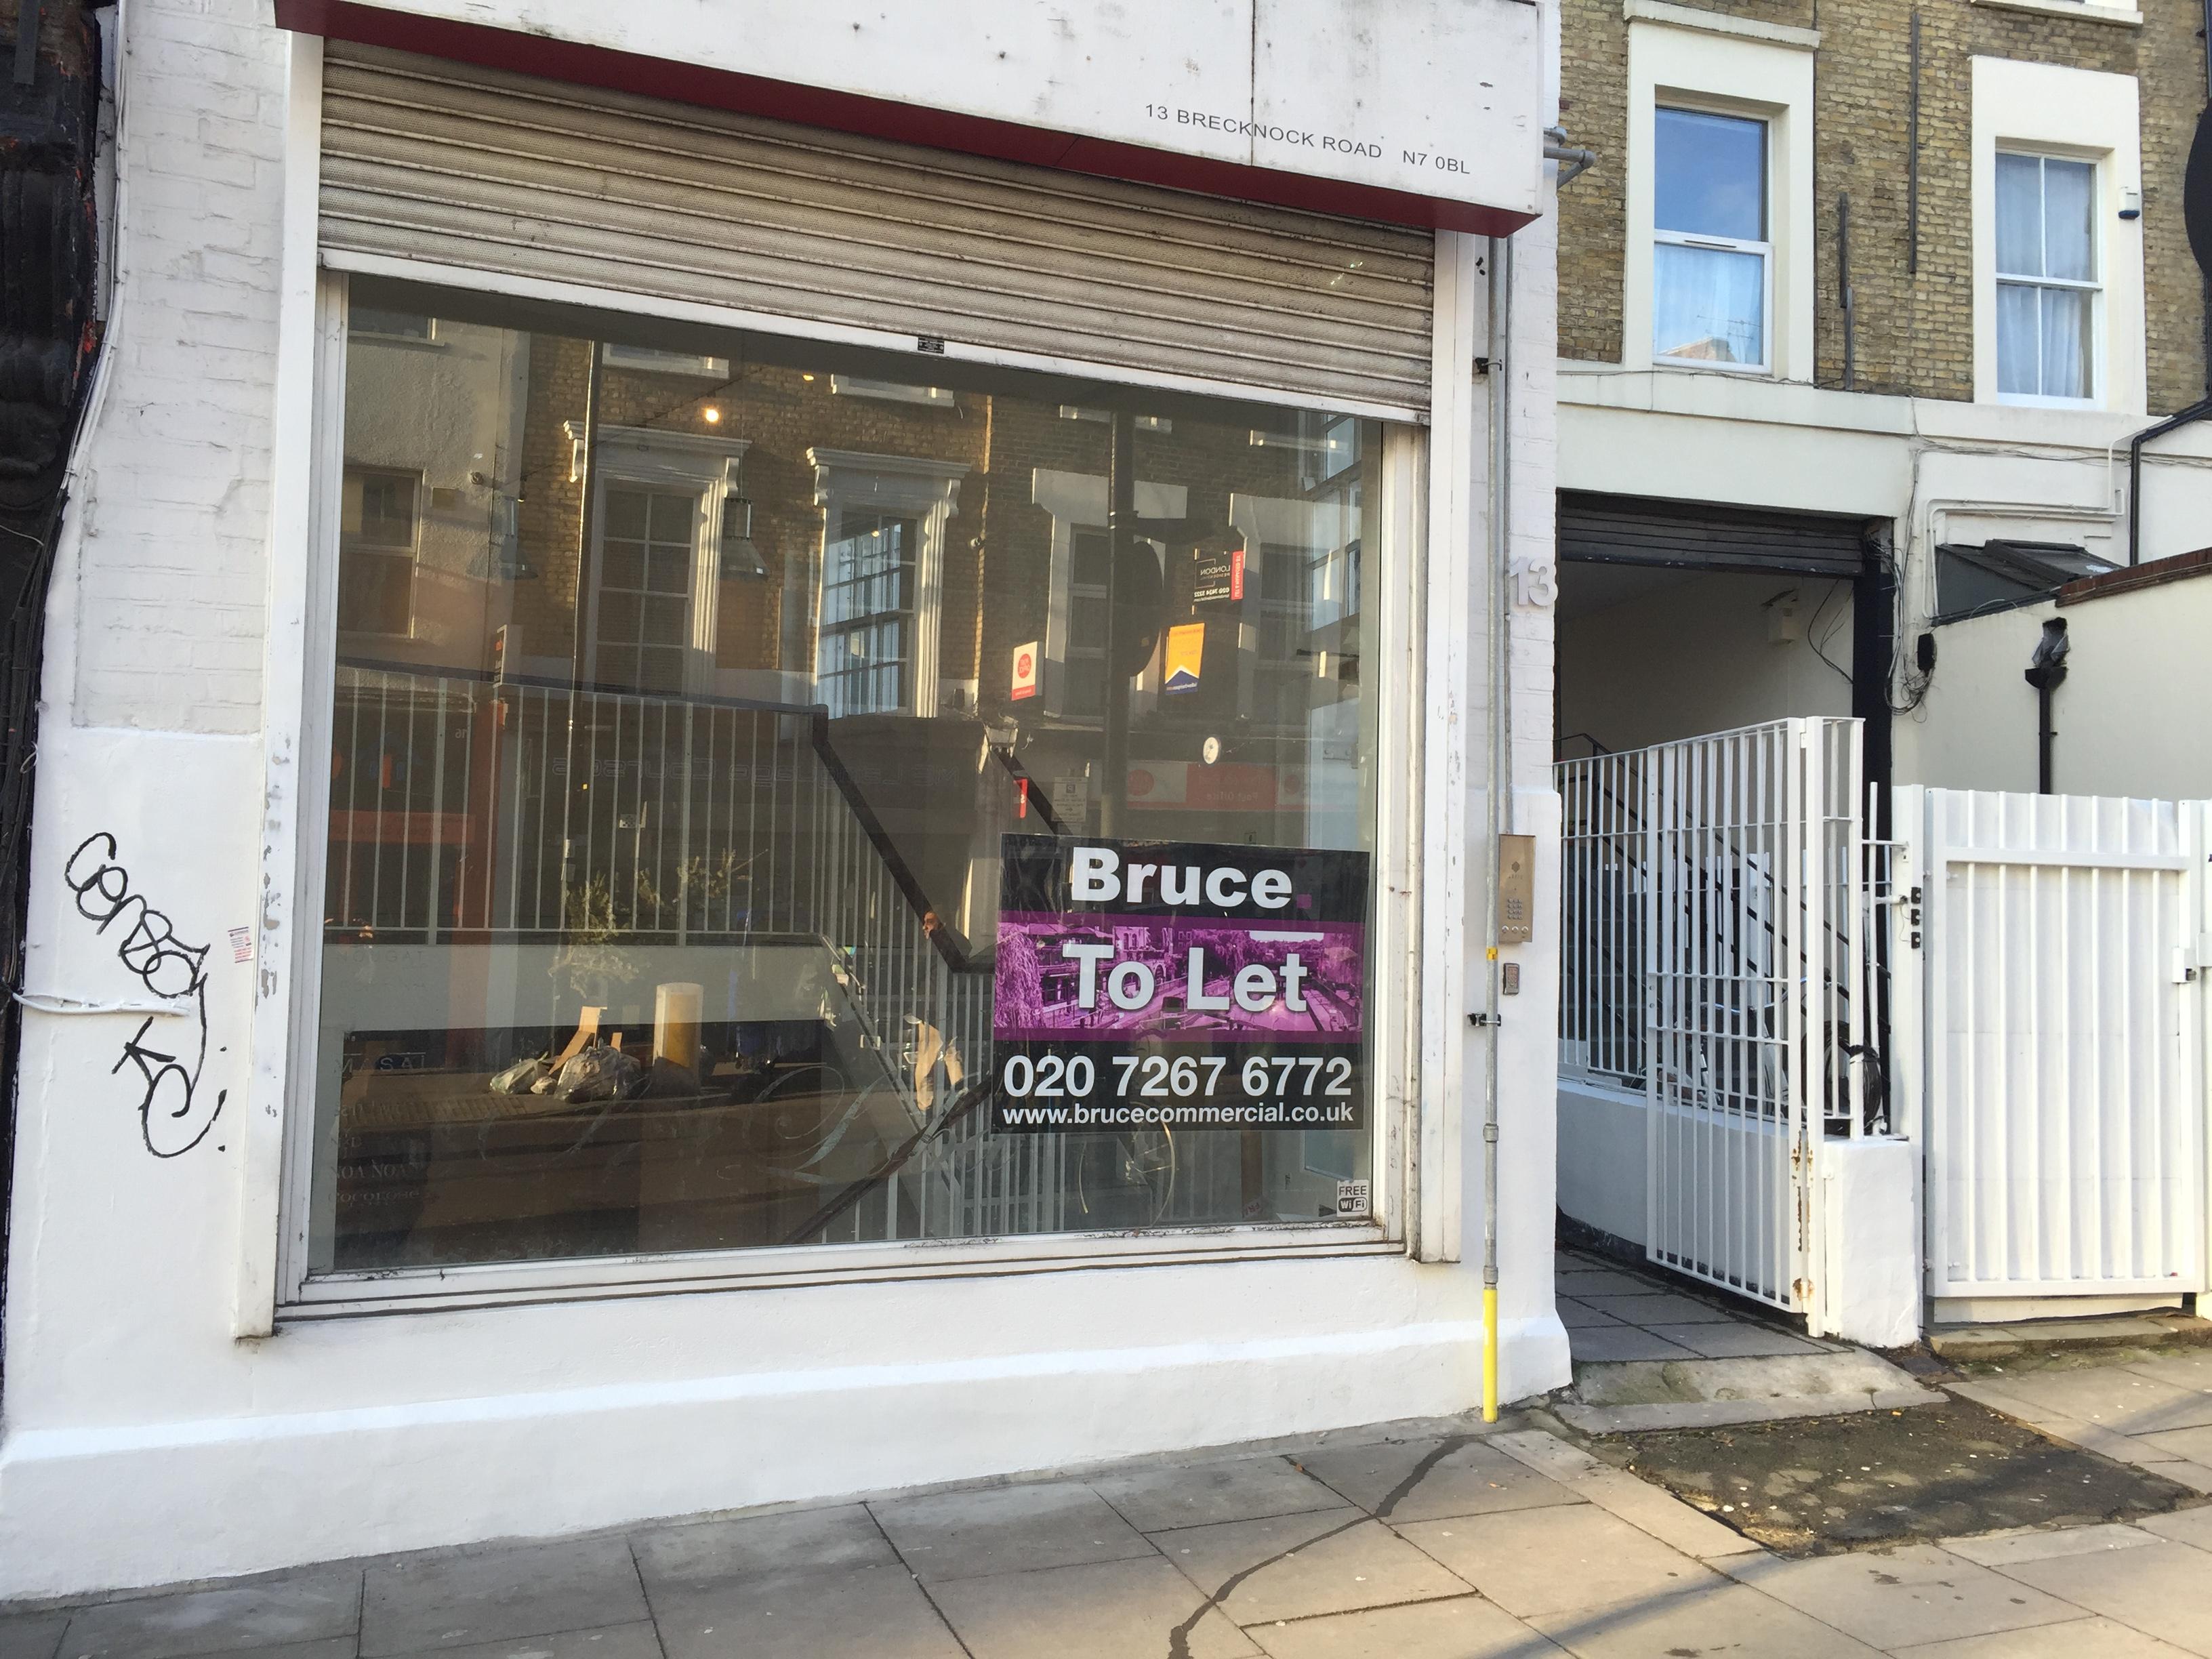 13 BRECKNOCK ROAD LONDON N7 0BL SHOP/OFFICE TO LET